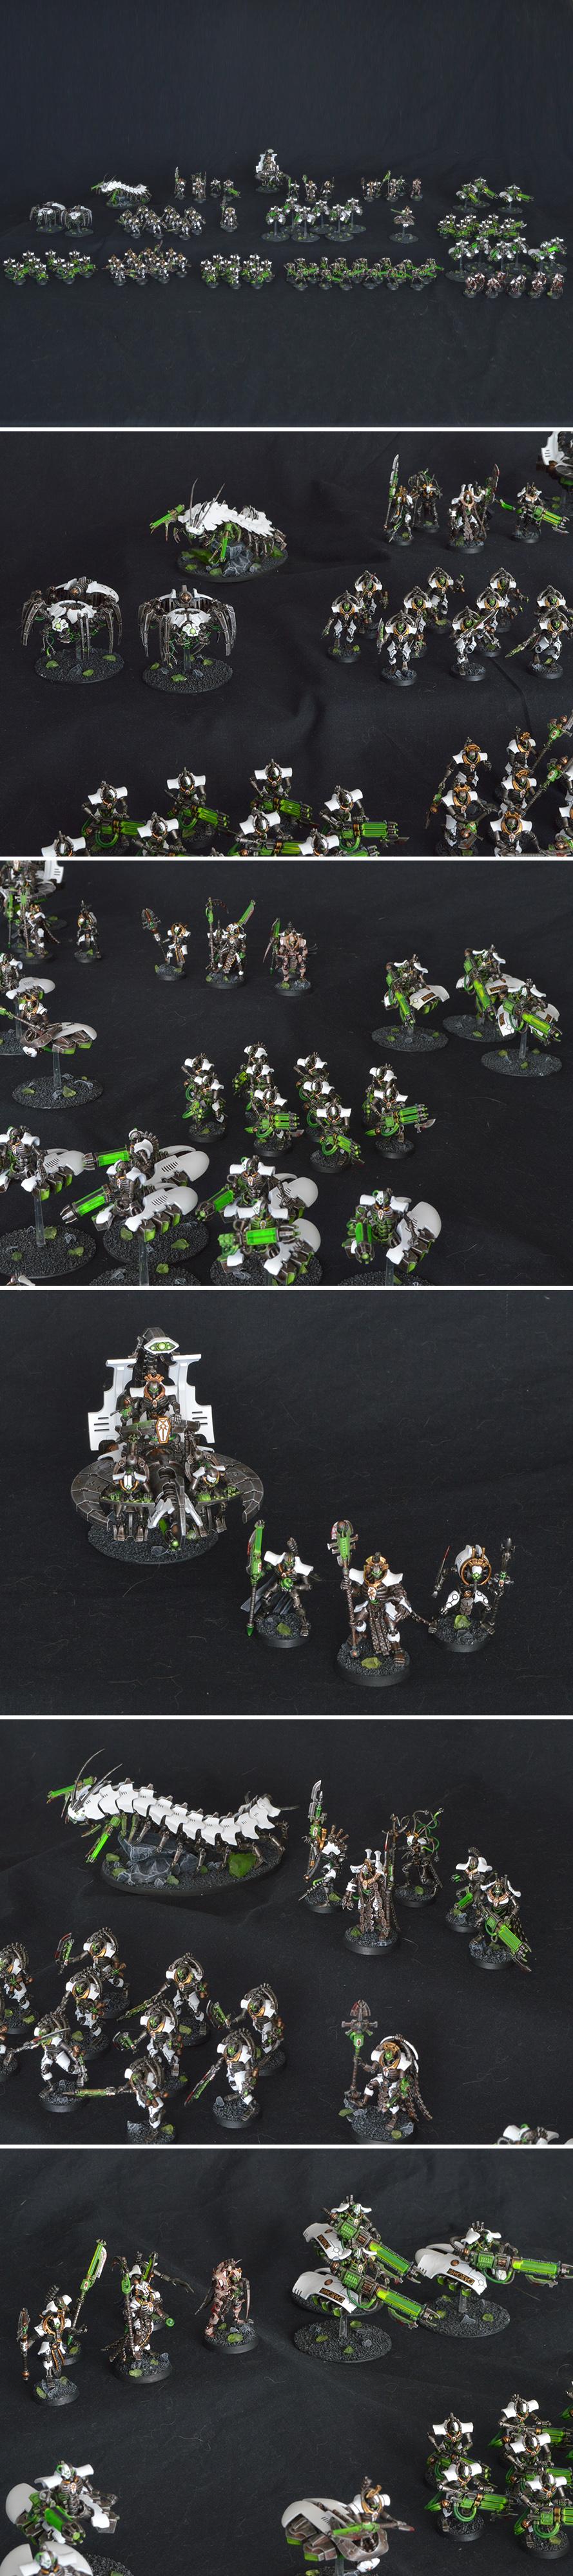 Necron Menotekh army wave 3 (2021)